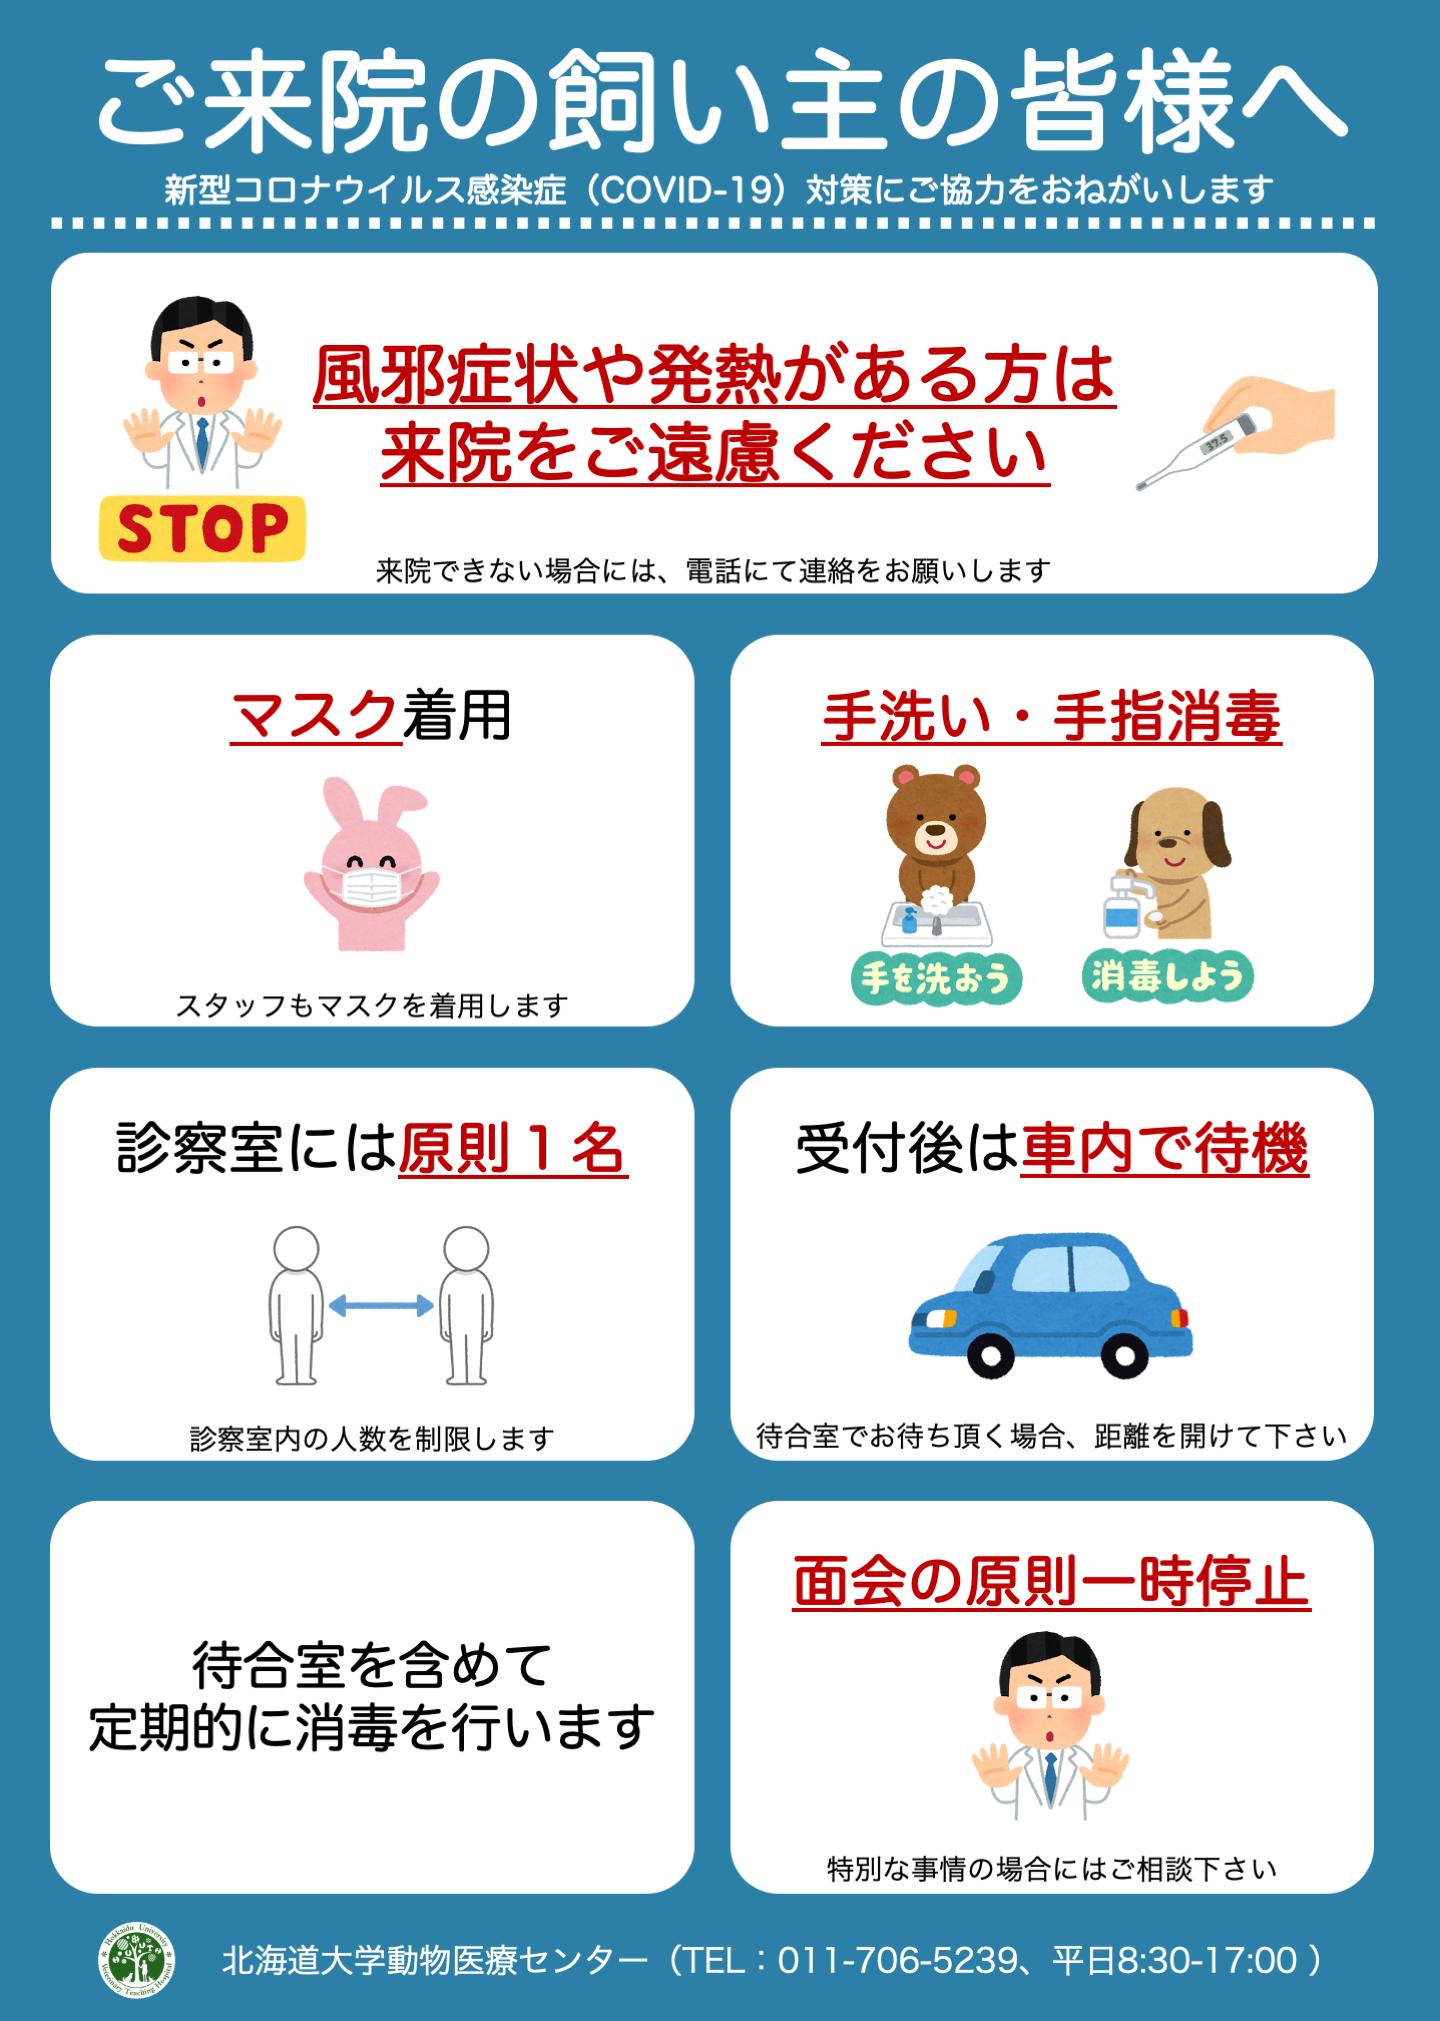 コロナウイルス感染症対策ポスター 北海道大学動物医療センター